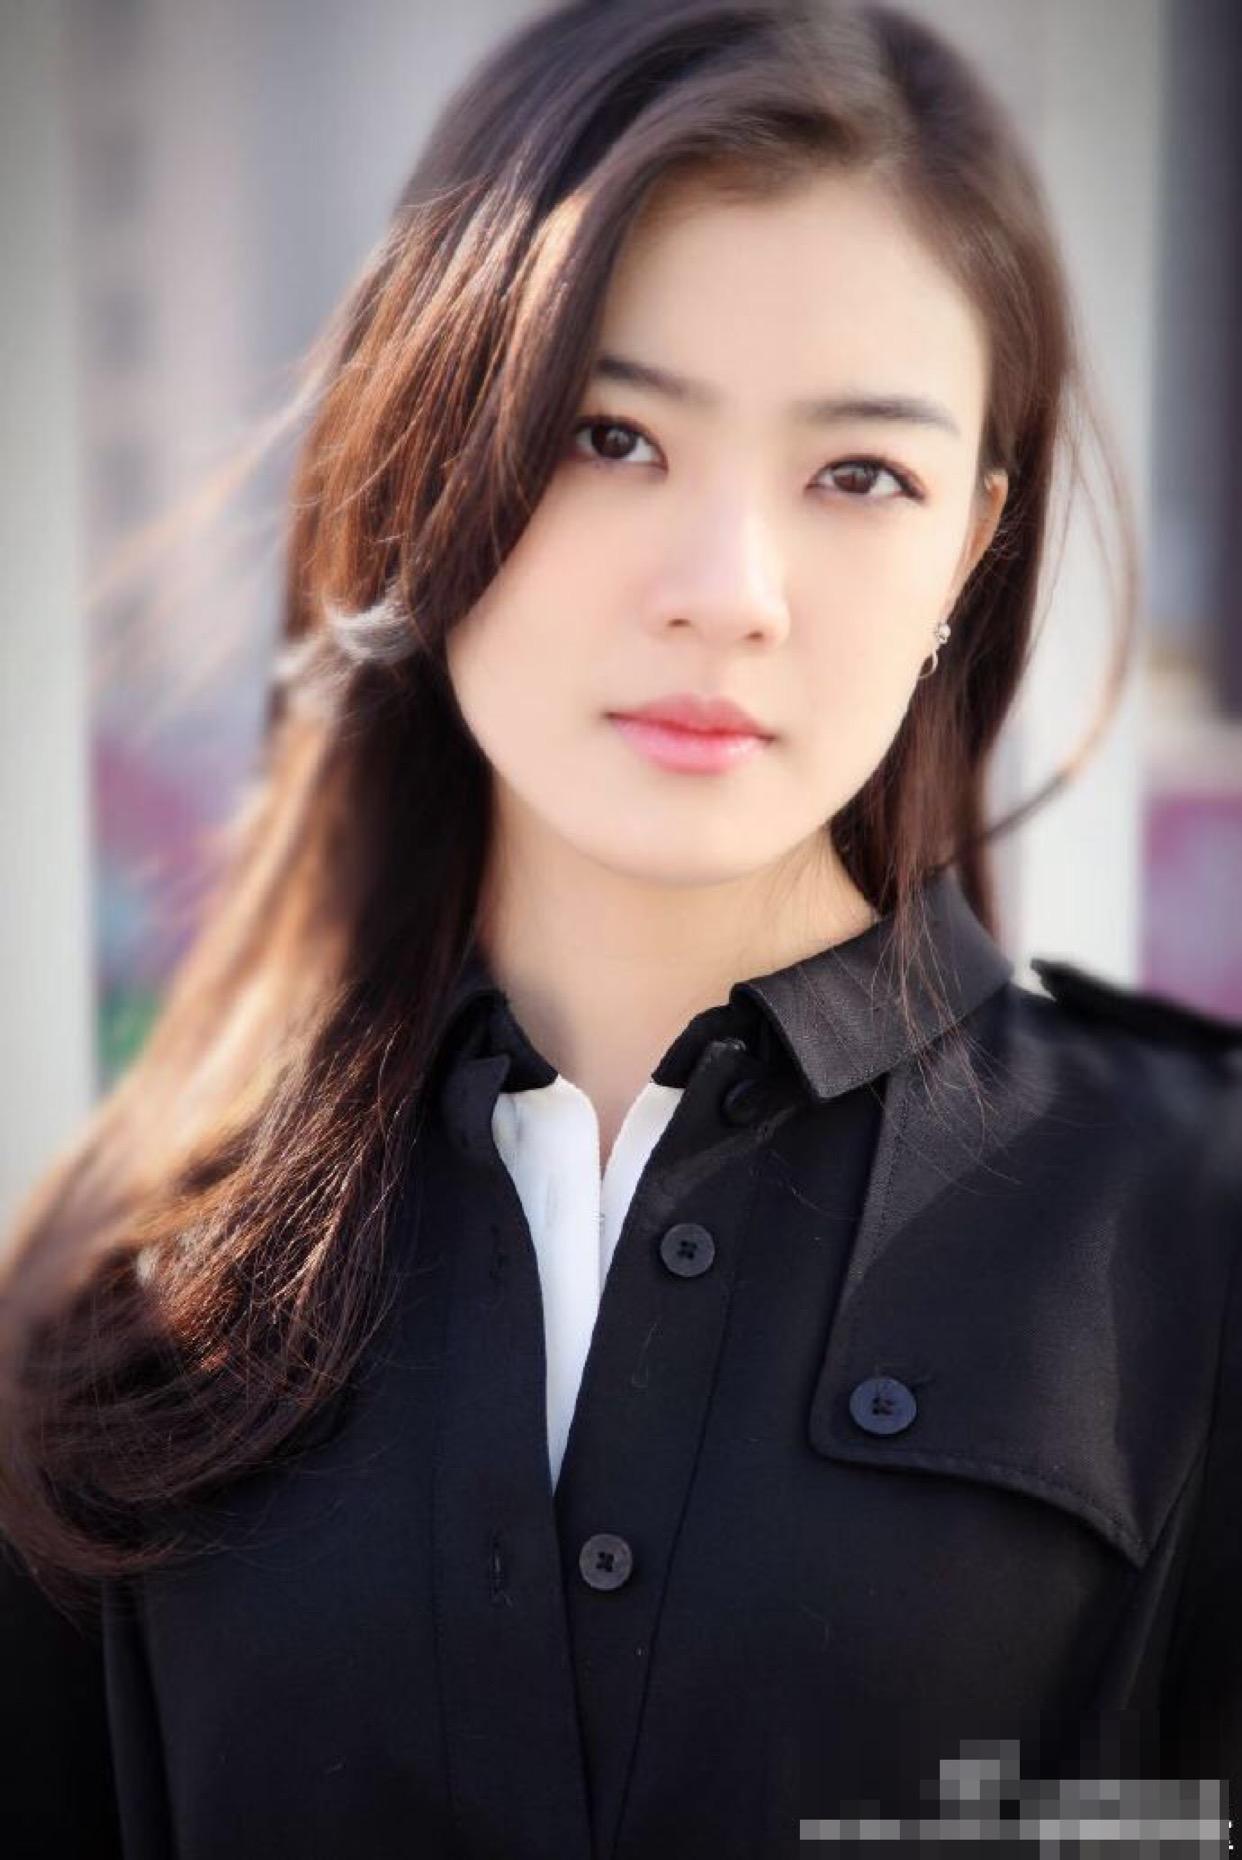 《中国机场长》最美女配不是张天爱,而是一直不太红的她插图(1)